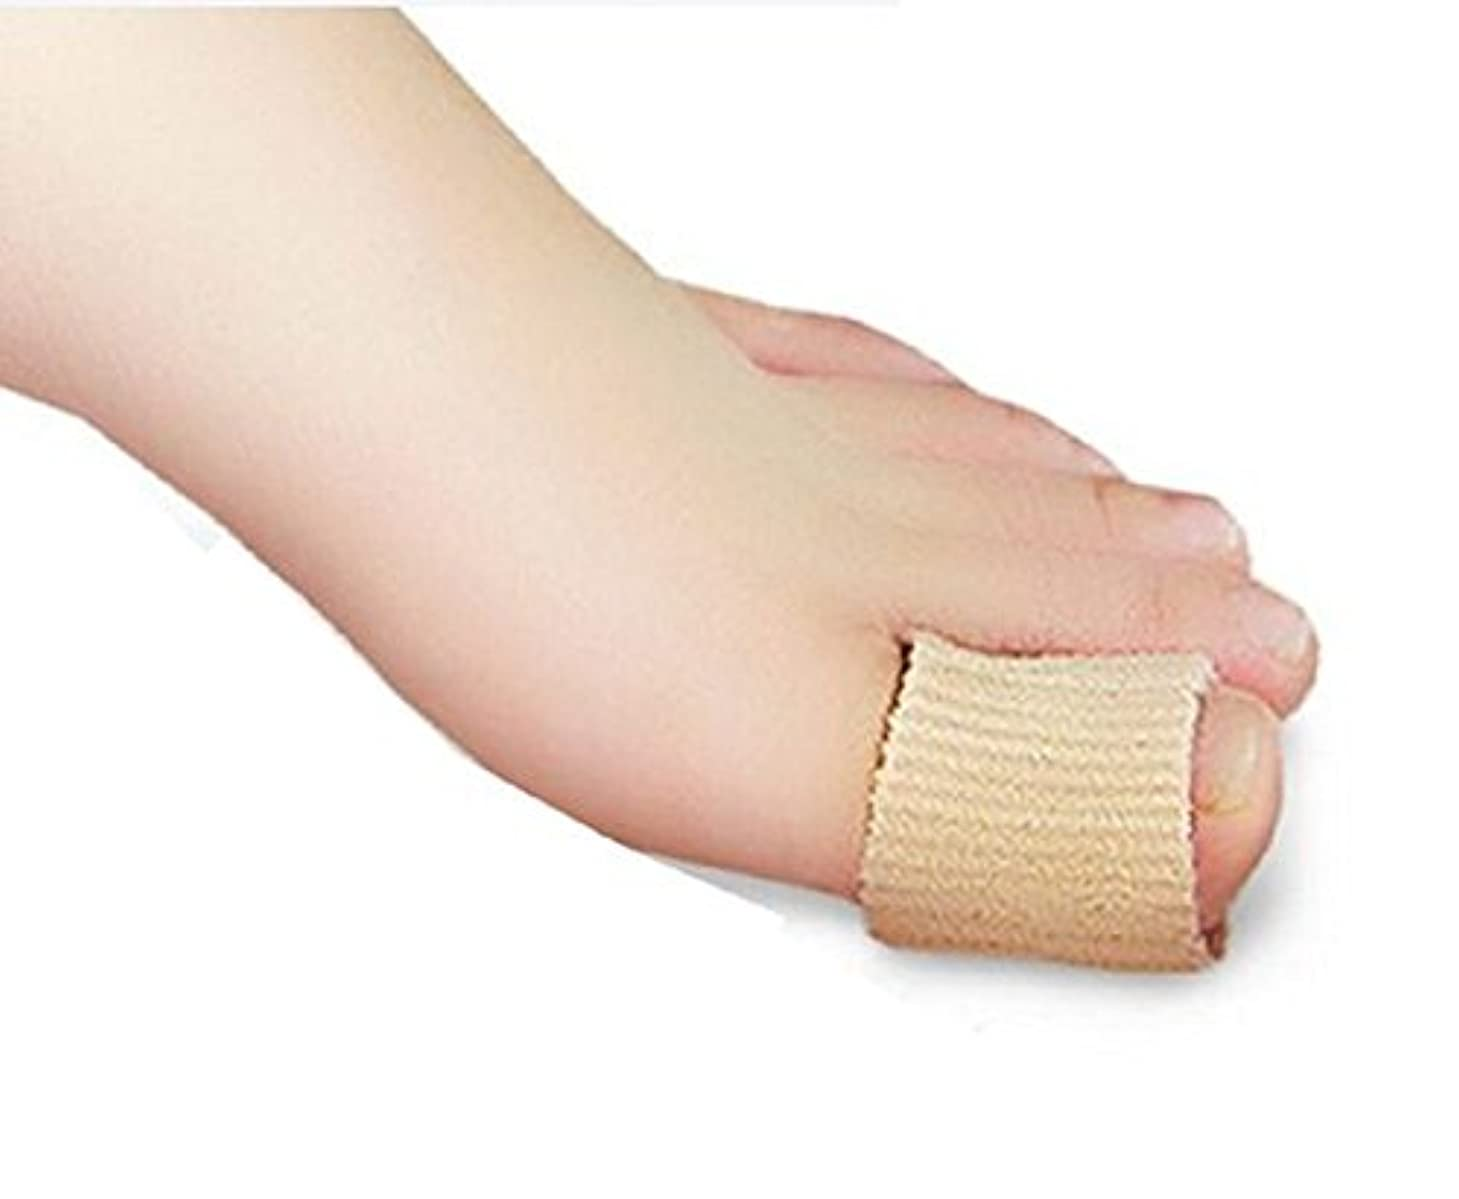 スリチンモイコウモリ気配りのあるI BECOME FREE 足指保護パッド 手の指 突き指 足まめ マメ 水虫 腫れ 内部のジェルで優しく包みます